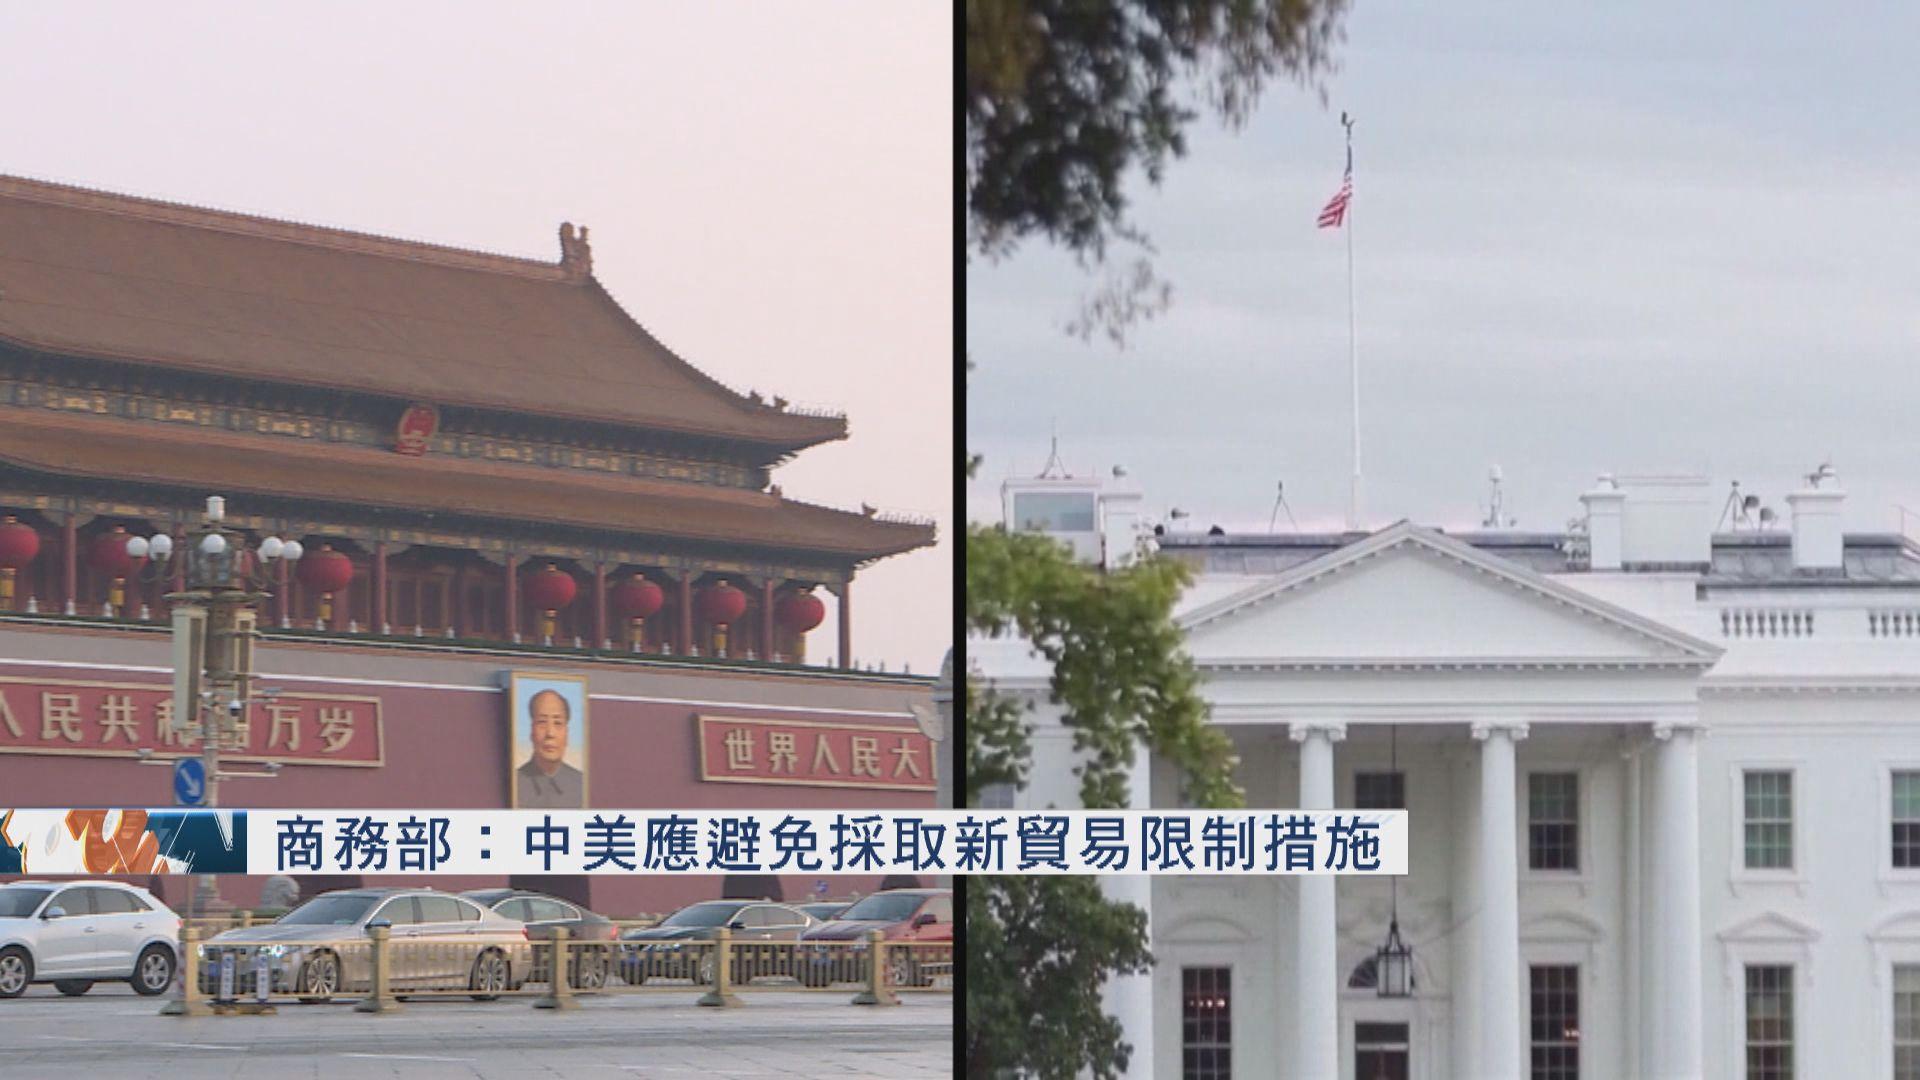 【中美貿易】商務部:中美應加強合作管控分歧